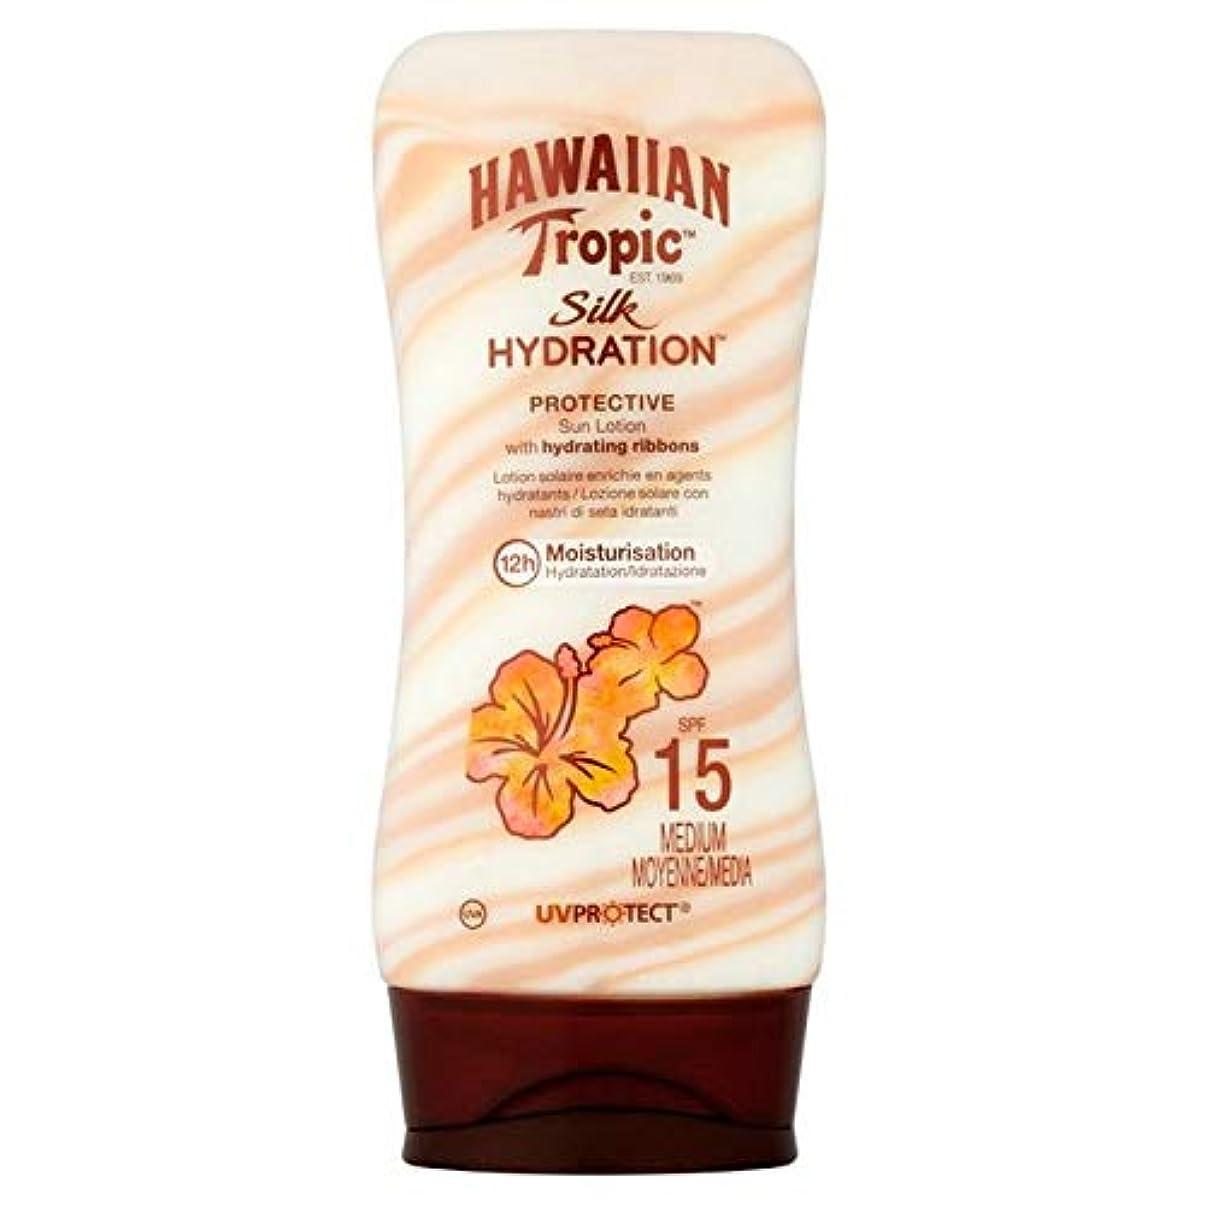 部分的妥協ケニア[Hawaiian Tropic ] 南国ハワイシルク水和日ローションSpf 15 180ミリリットル - Hawaiian Tropic Silk Hydration Sun Lotion SPF 15 180ml [並行輸入品]